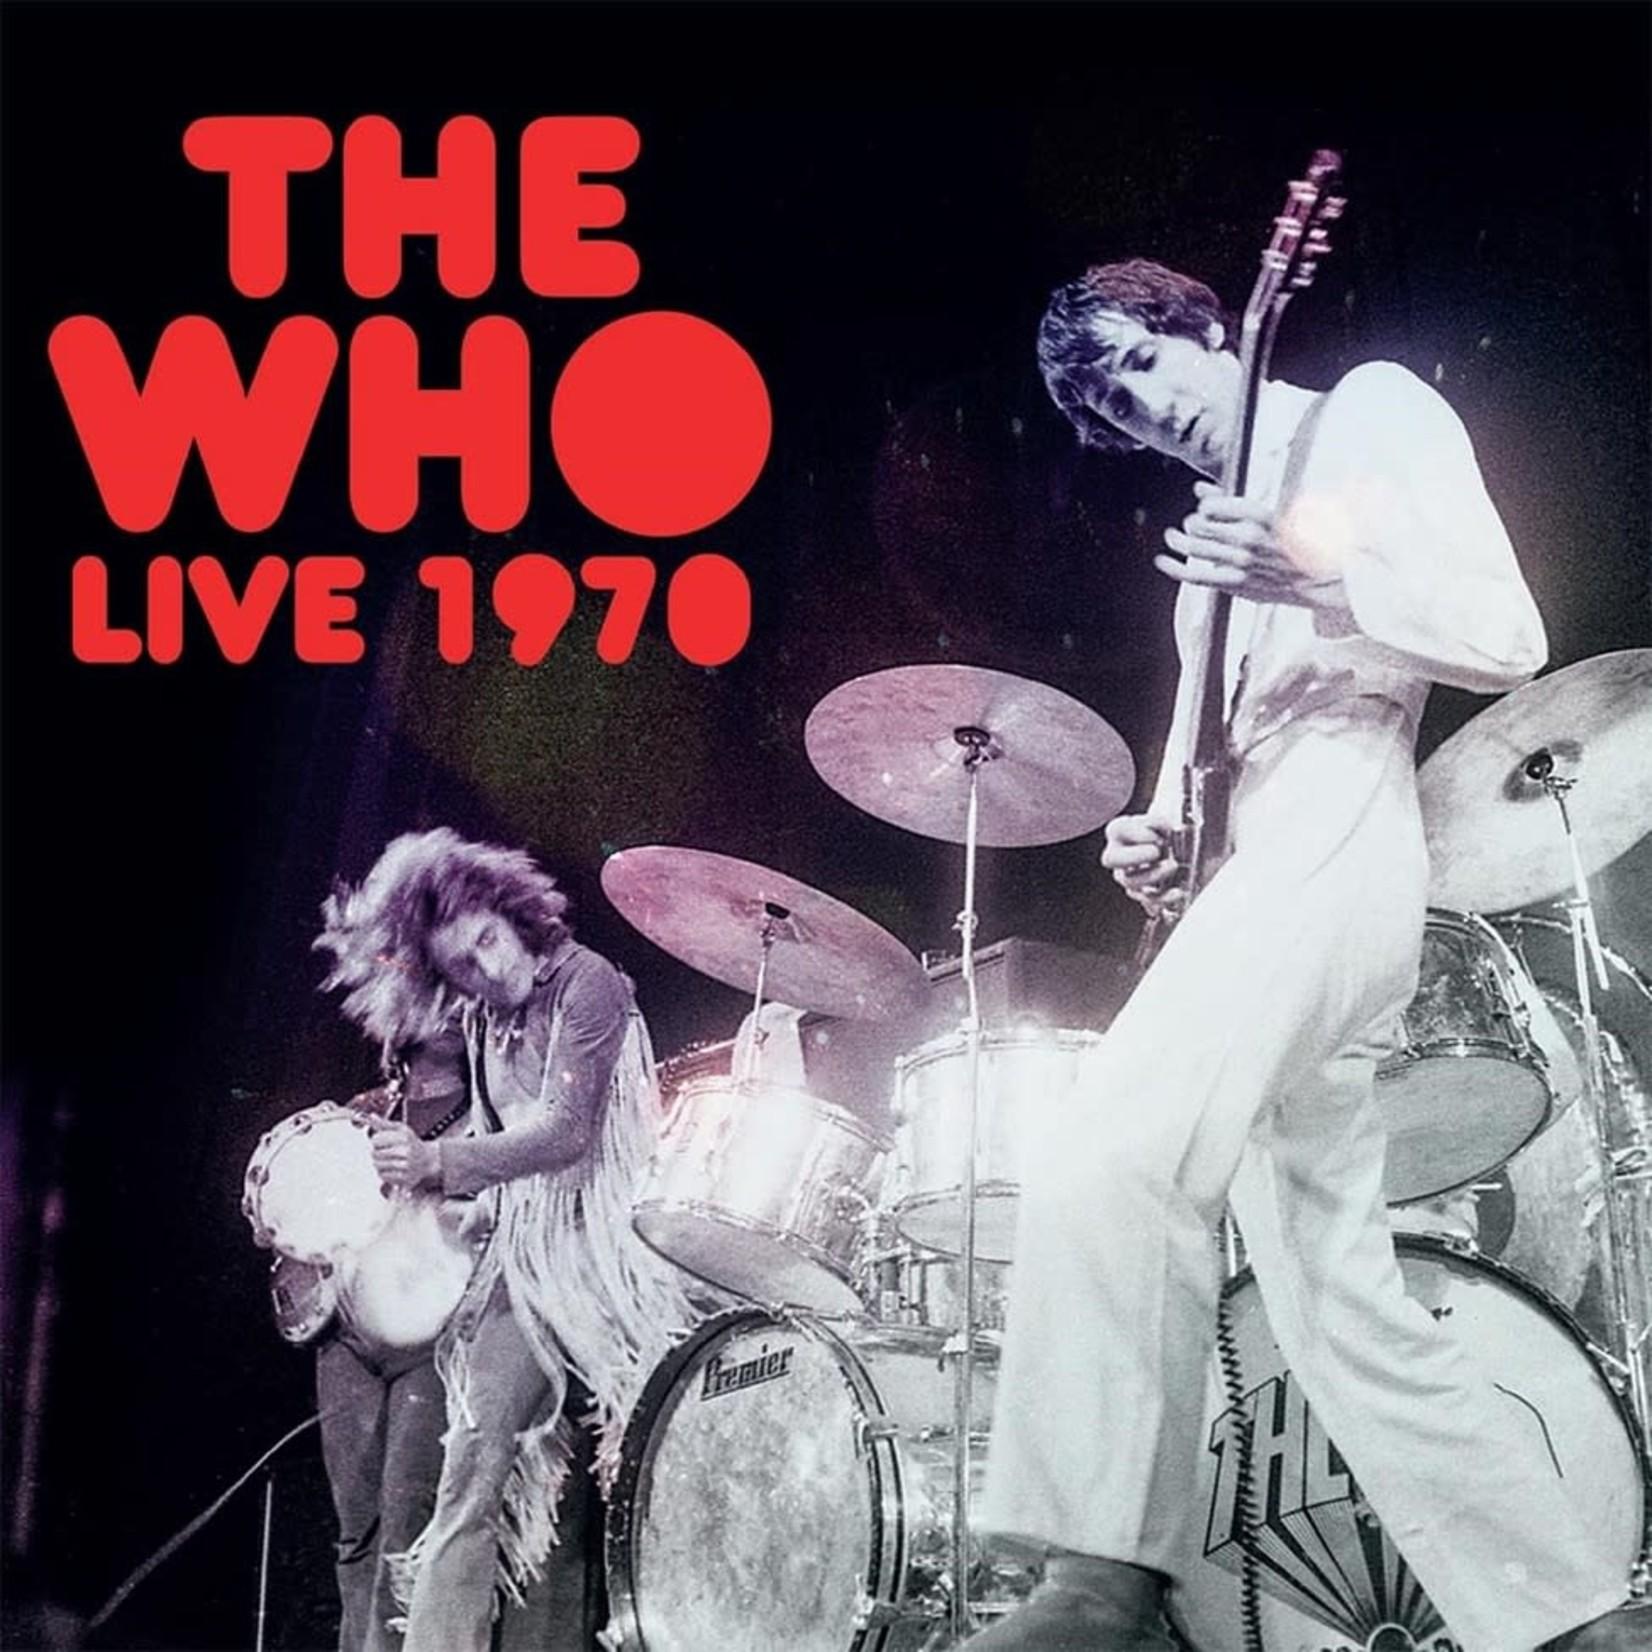 Vinyl The Who - Live 1970